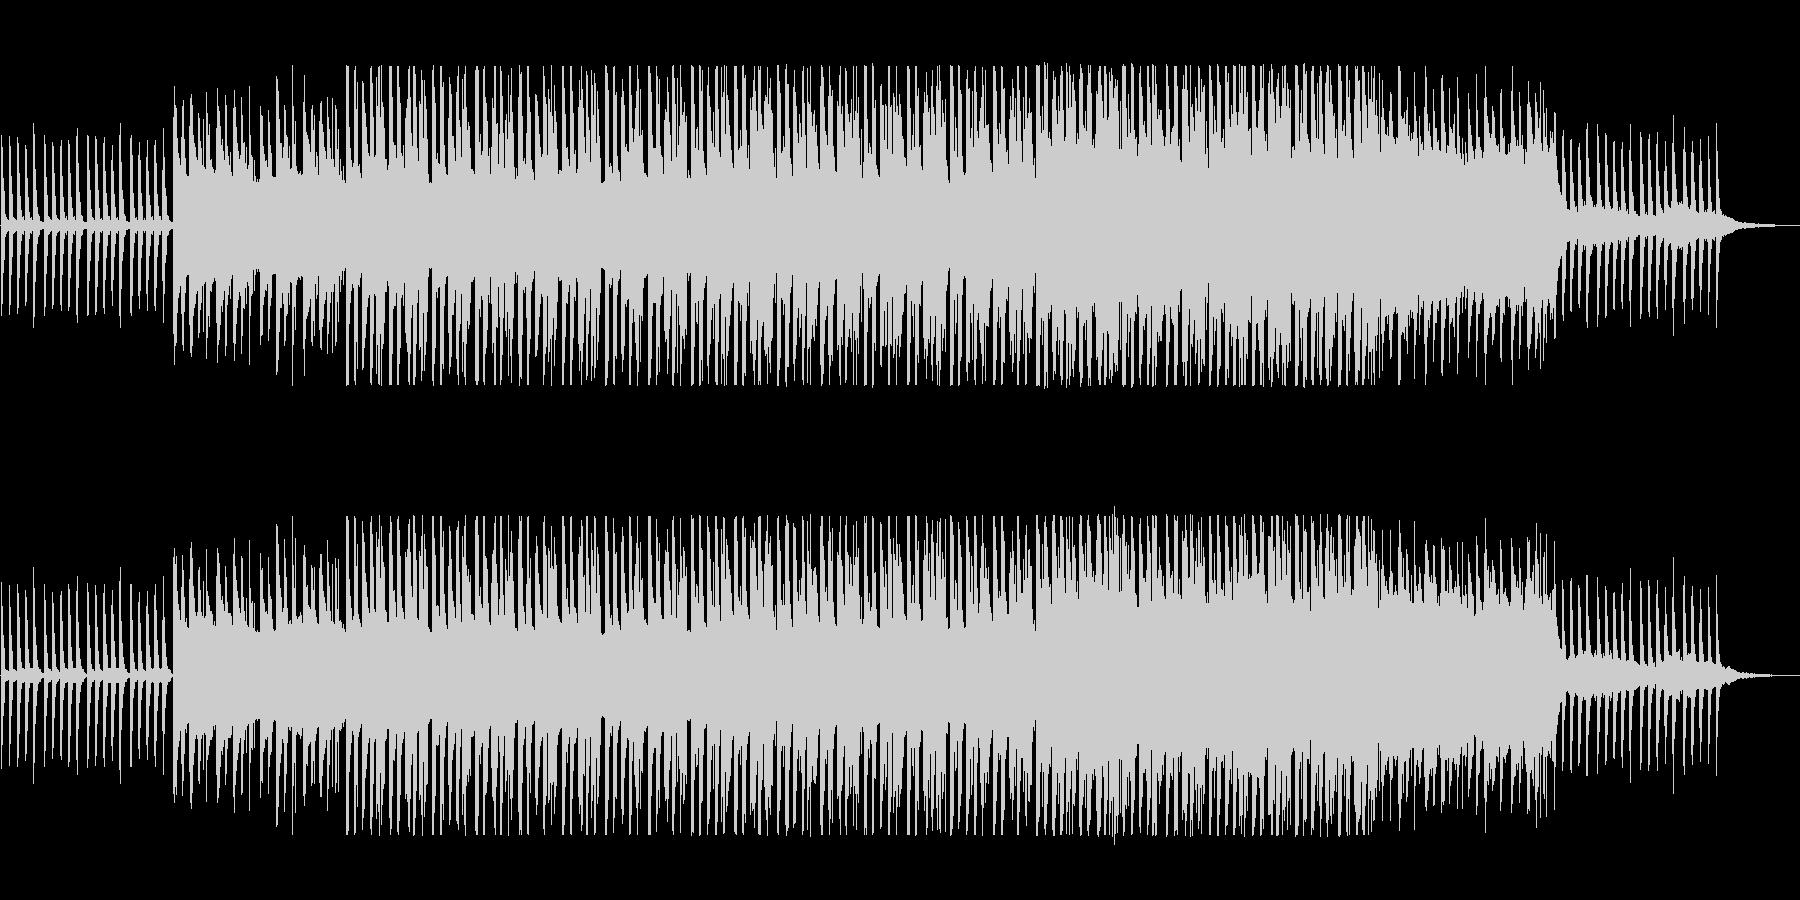 ゆっくりした新鮮さのあるヒーリングの曲の未再生の波形